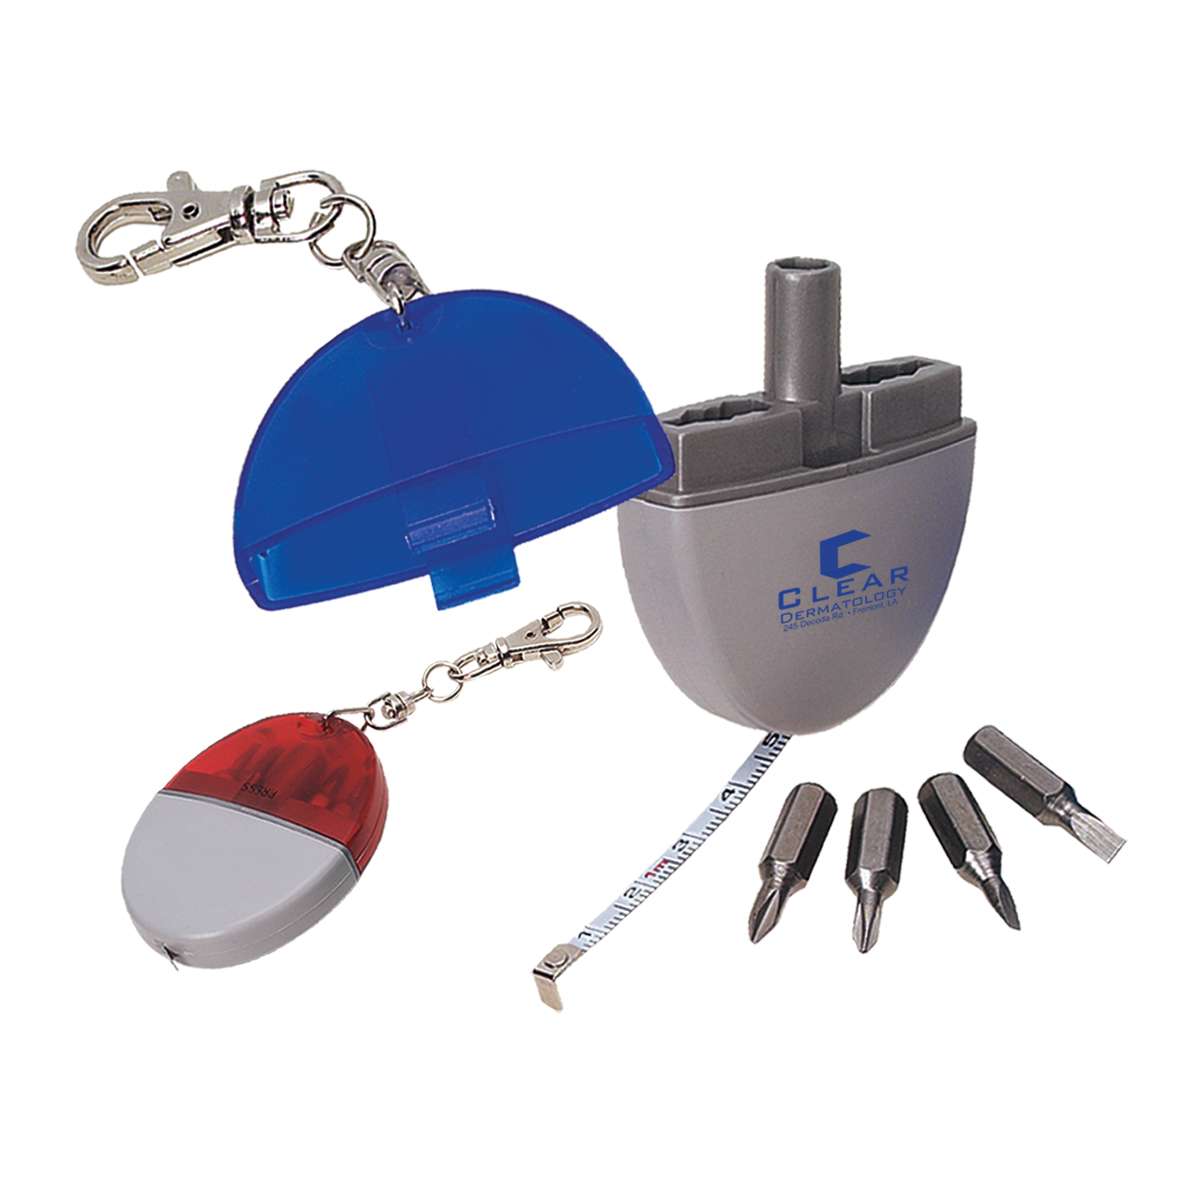 #CM 311 - 3-In-1 Tool Kit